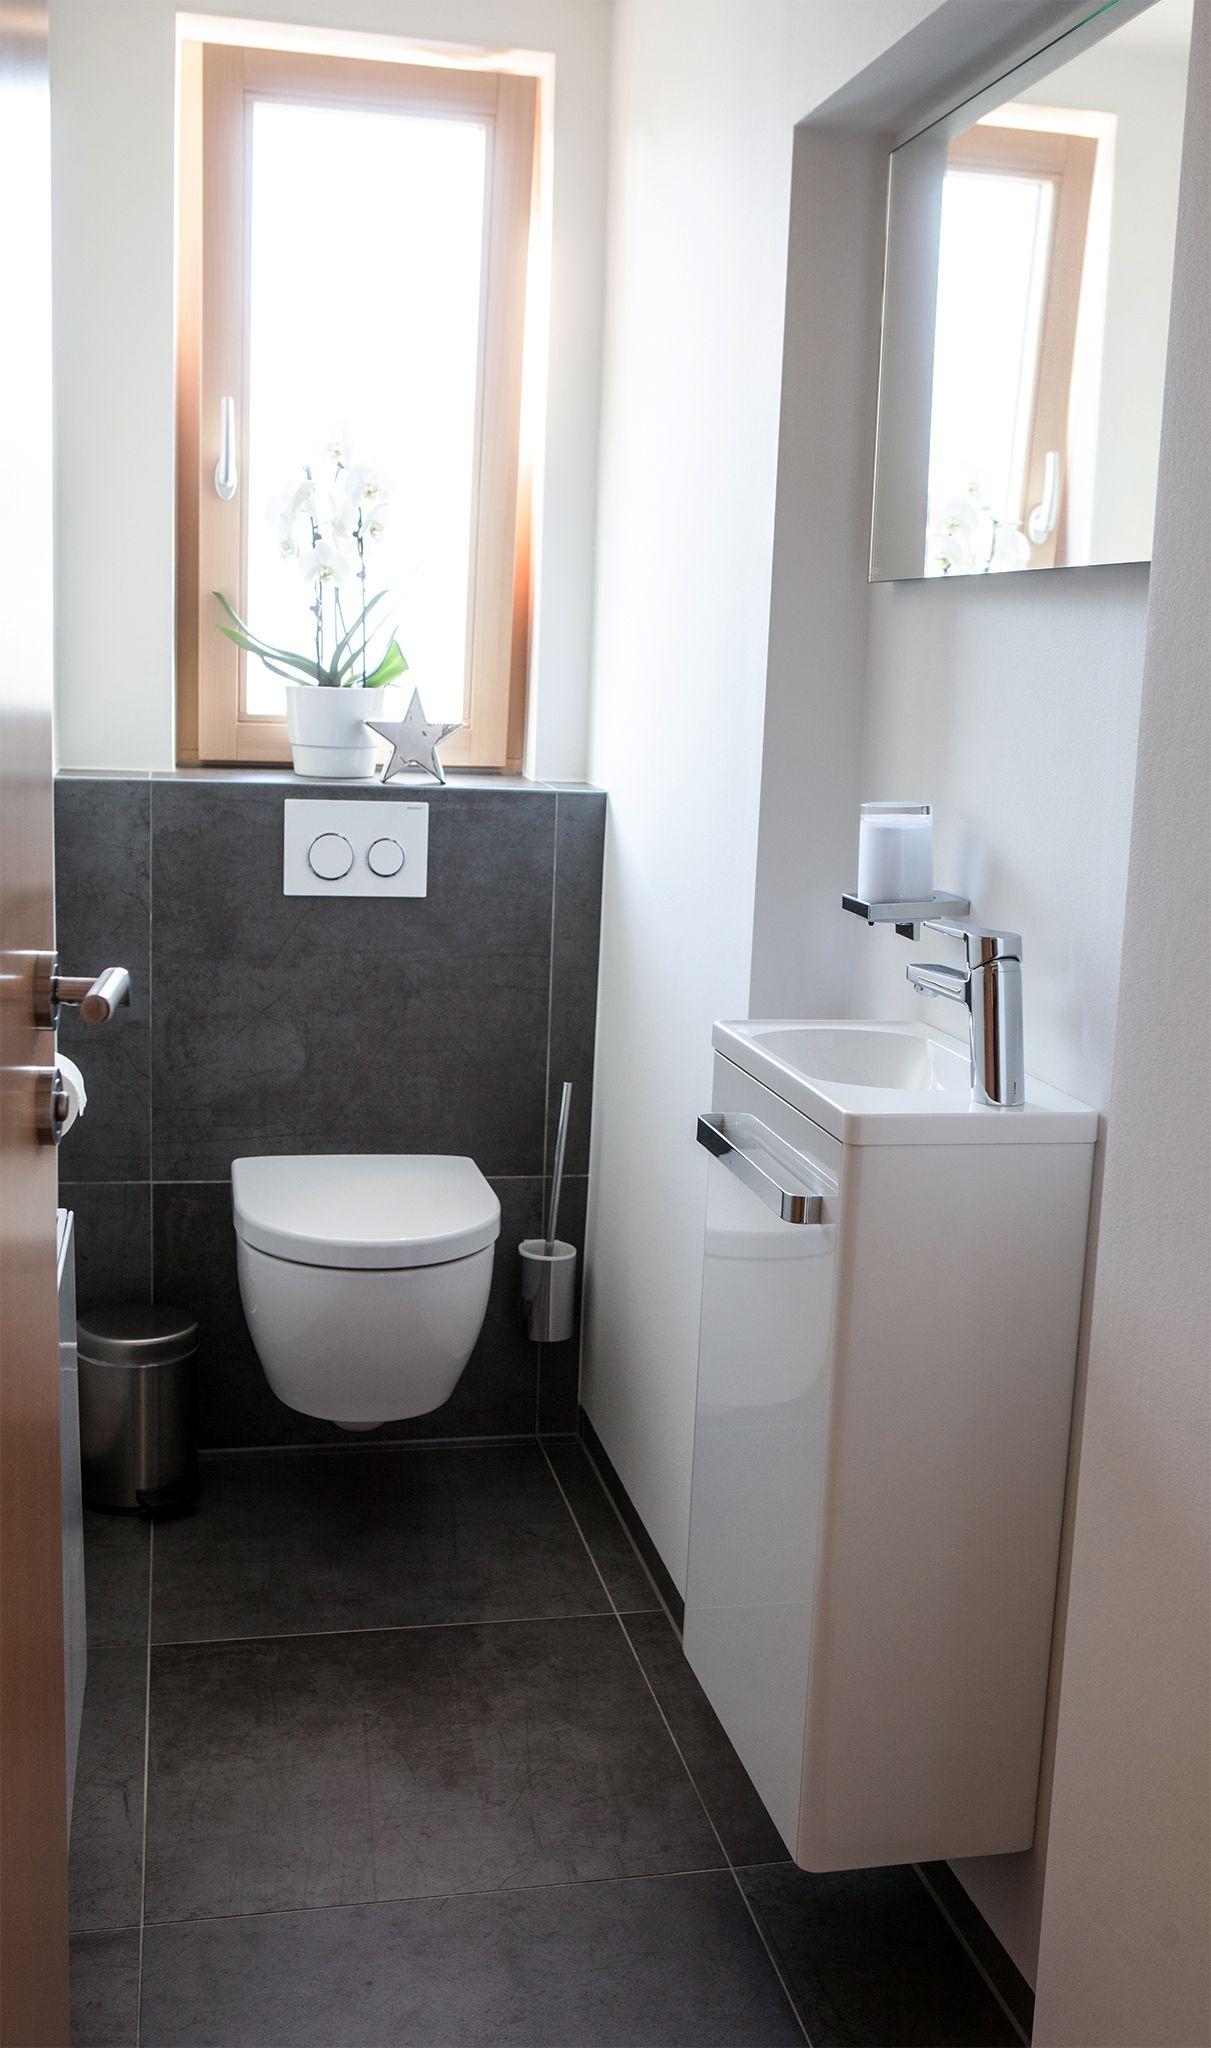 Gastetoilette Sanieren 6 Tipps Fur Ein Barrierefreies Wc Kleines Wc Zimmer Wc Mit Dusche Gaste Wc